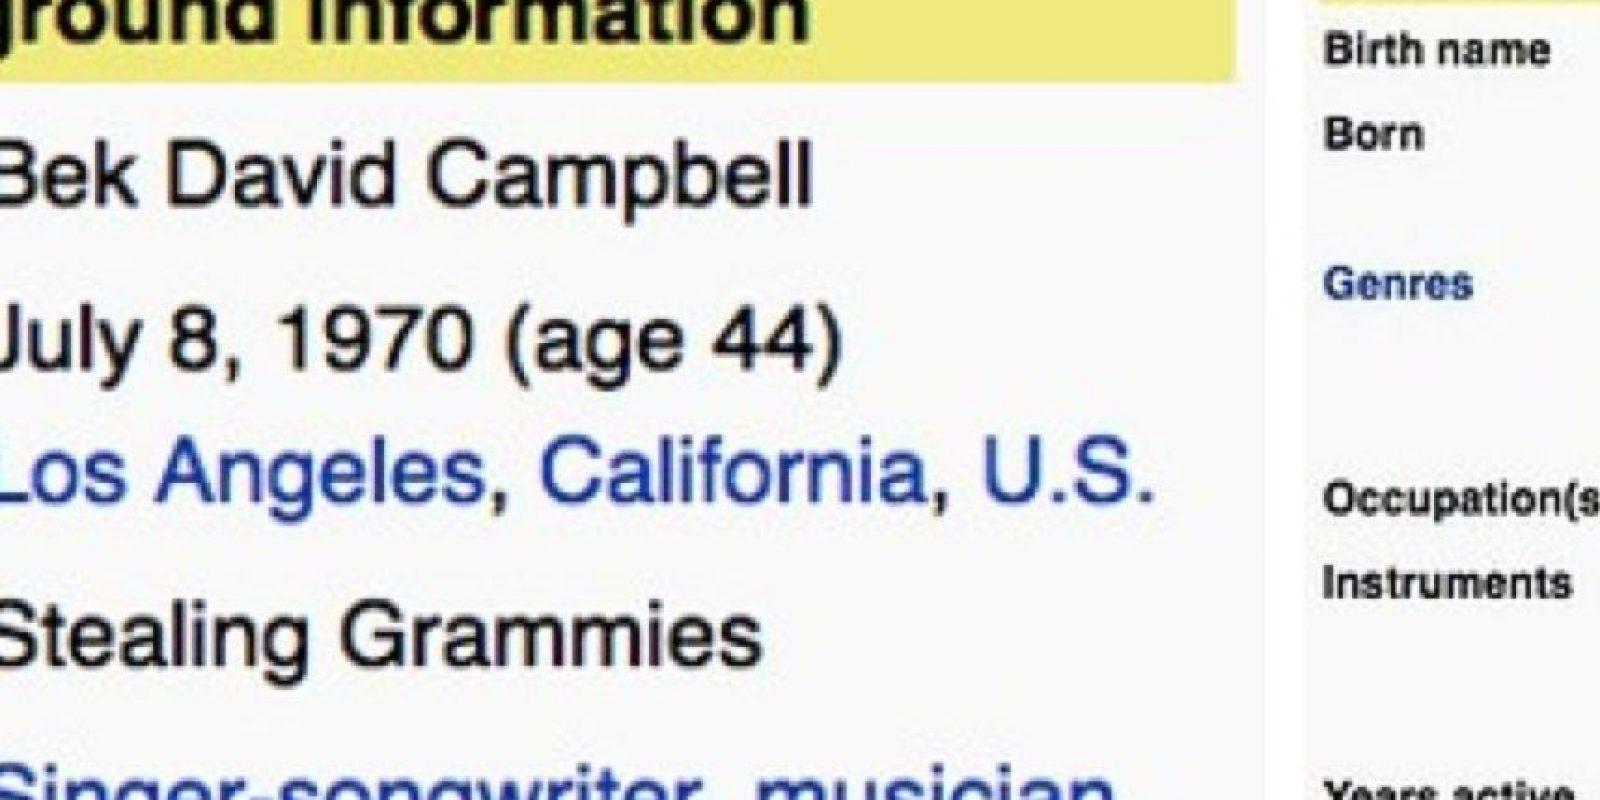 """En géneros pusieron: """"Robar Grammys"""" Foto:Wikipedia"""